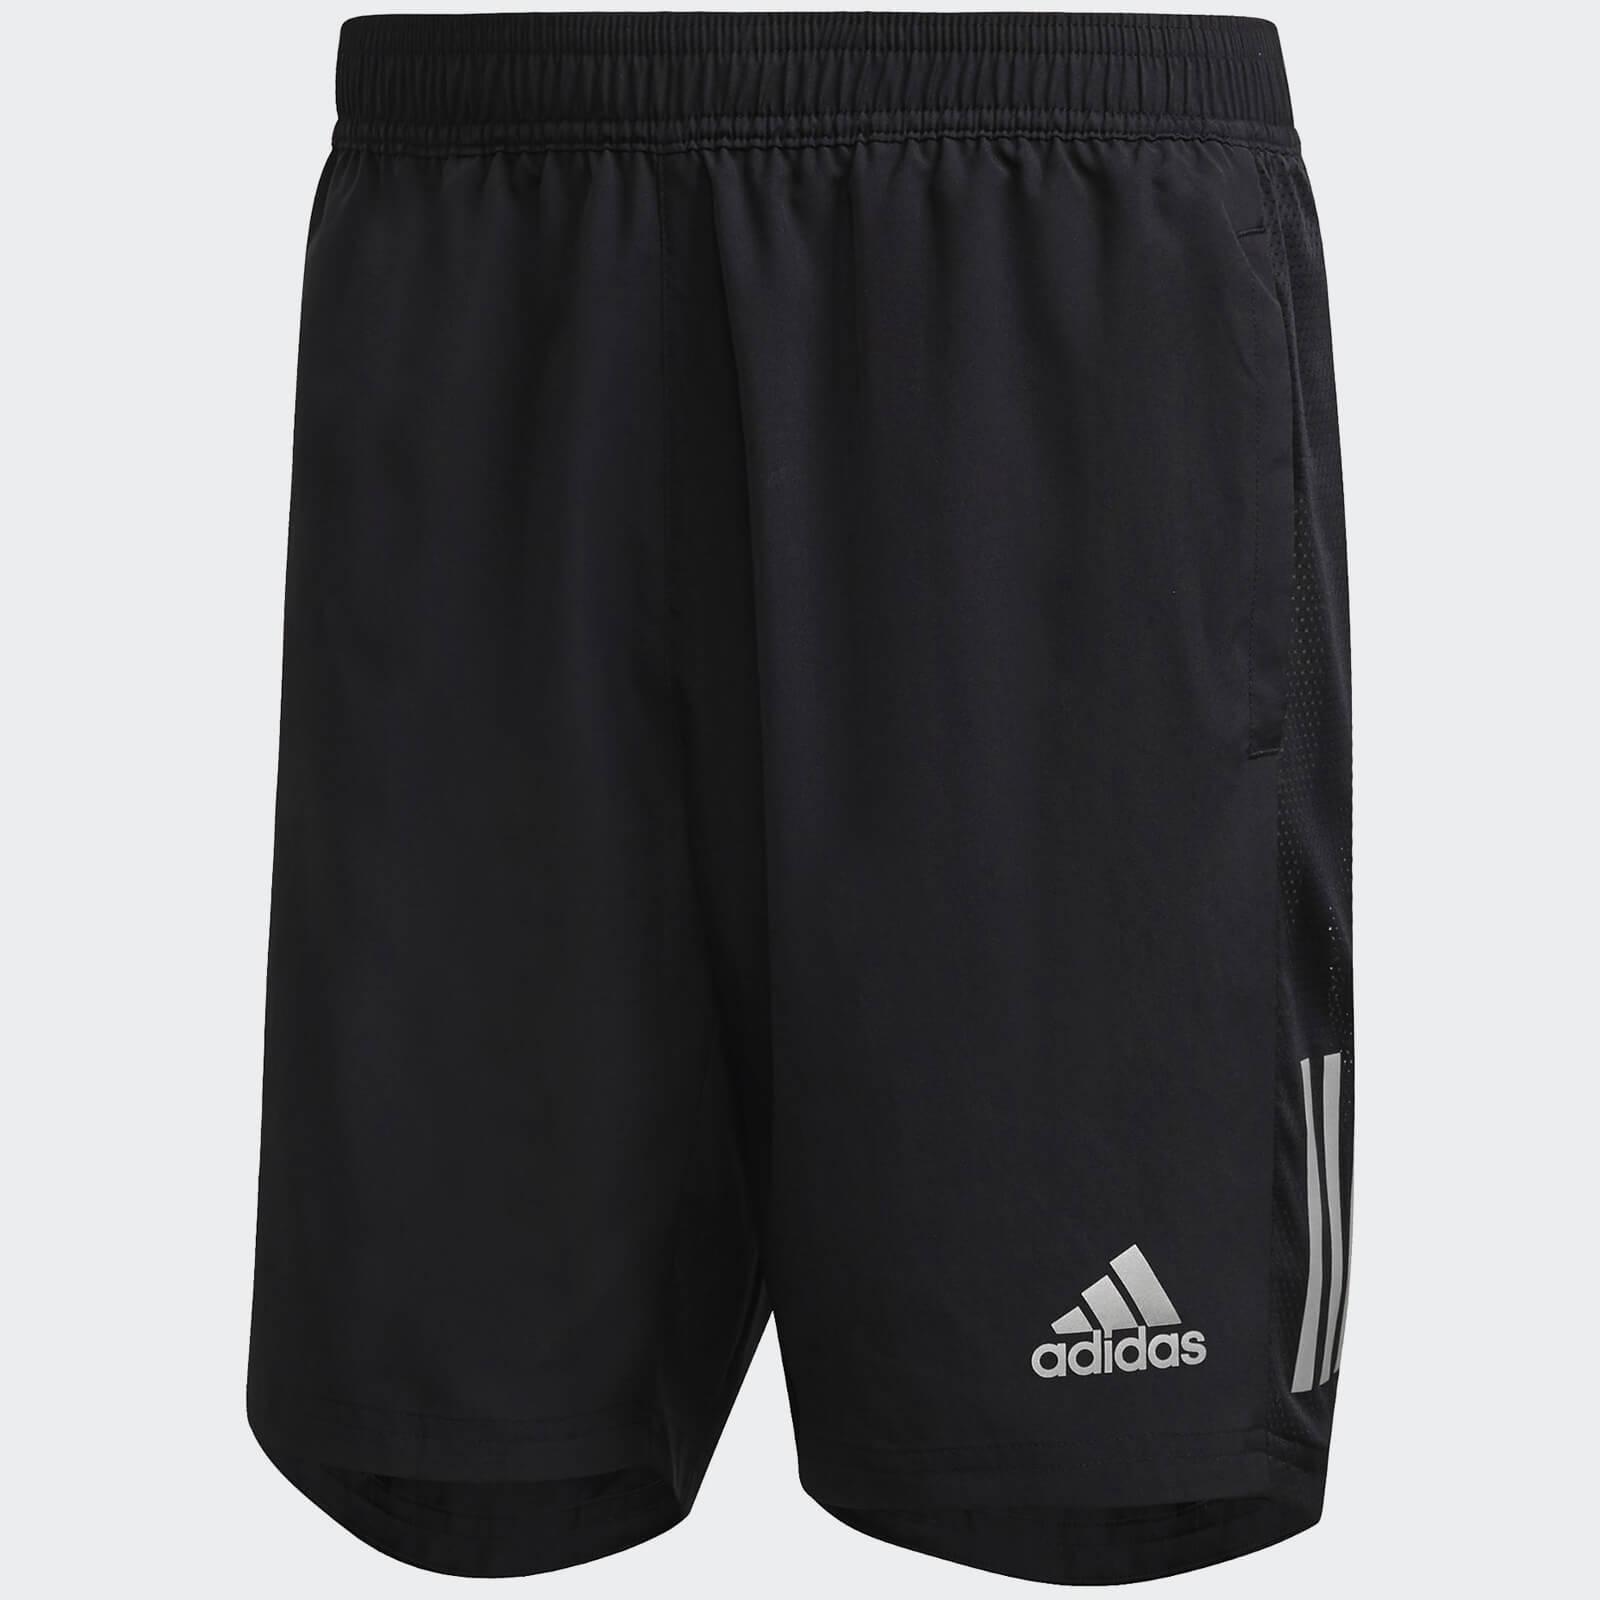 adidas Own The Run 7  Shorts - Black - L